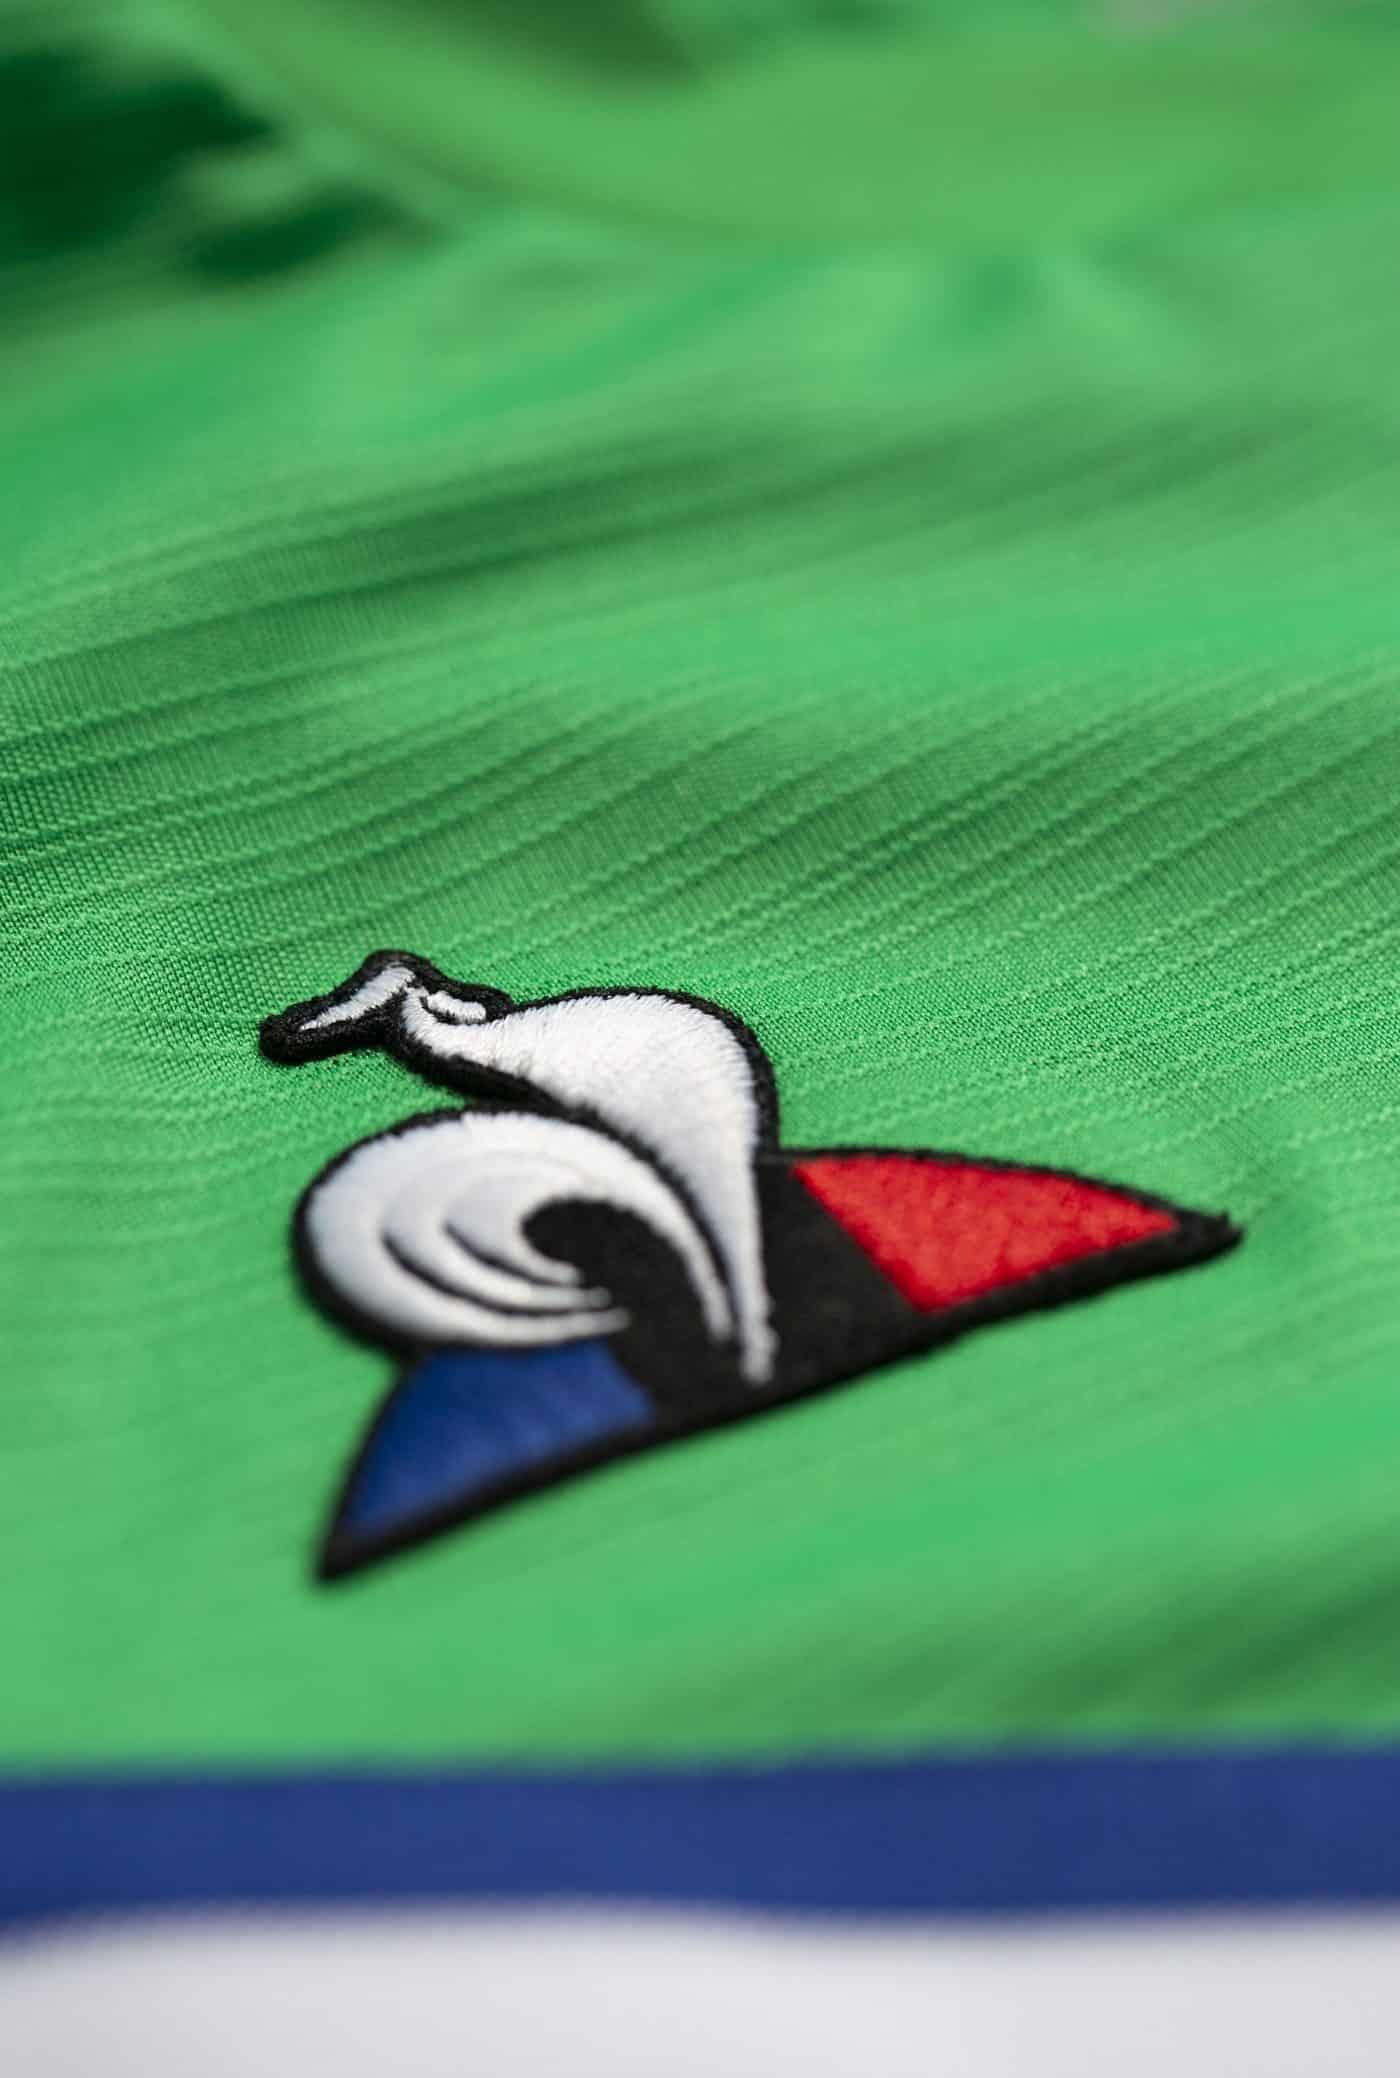 maillot-saint-etienne-finale-coupe-de-france-2020-psg-le-coq-sportif-3